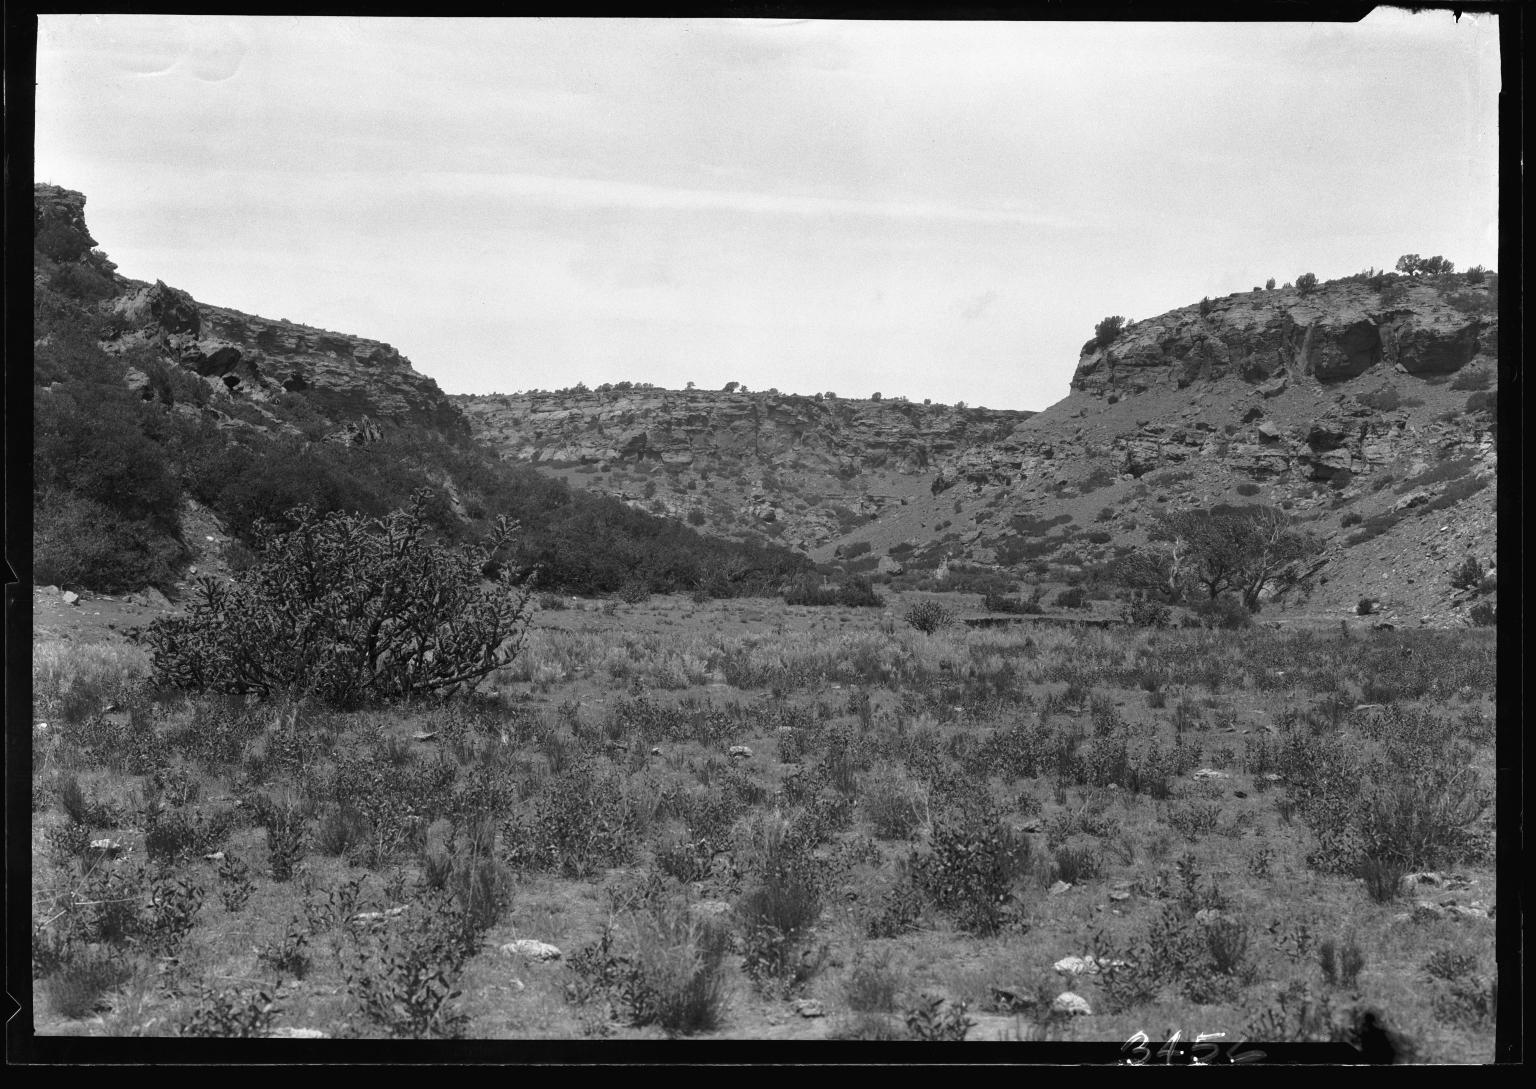 Furnace Canyon, Colorado